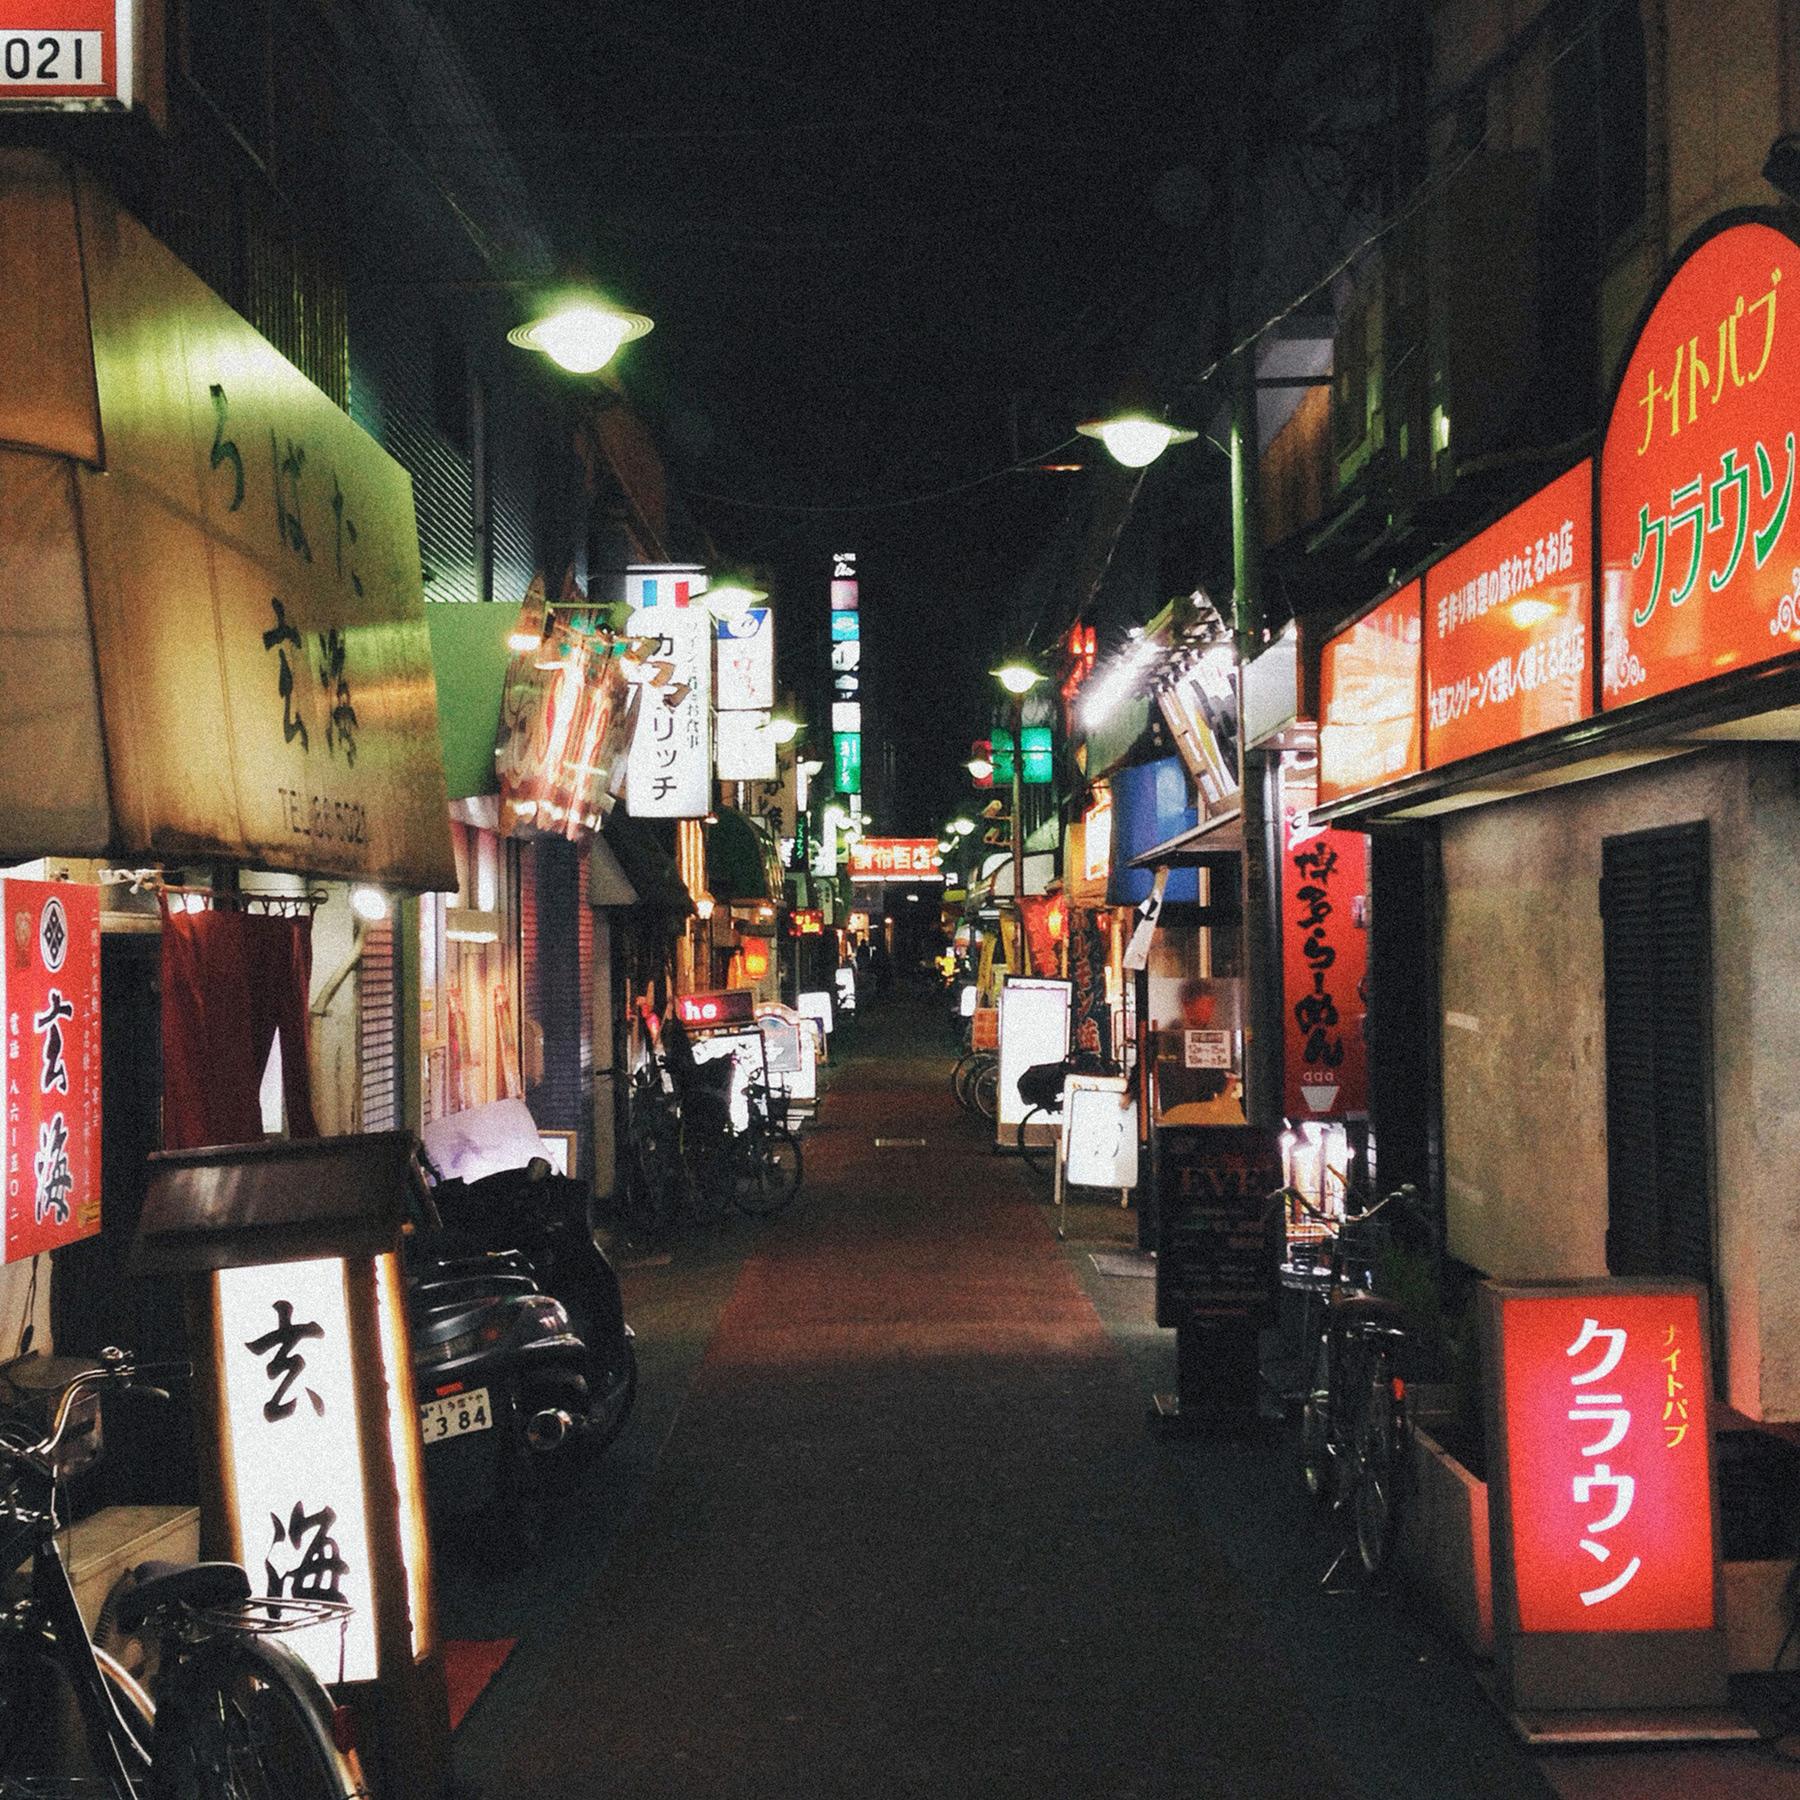 journal_01_japan_the_arrival10.jpg